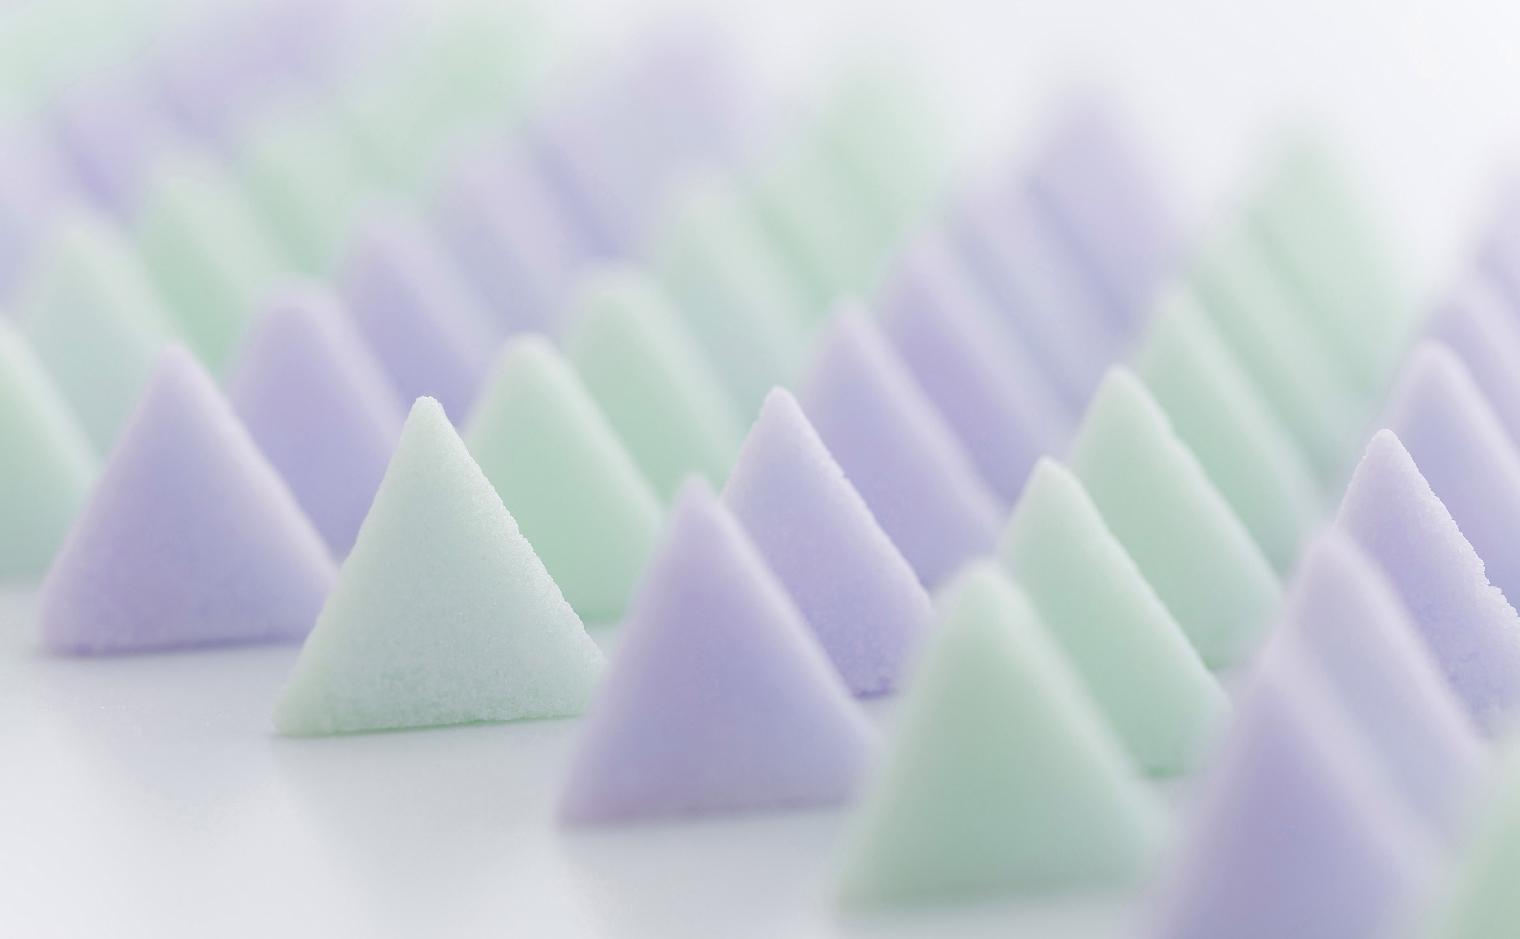 デザインシュガー,物語のある砂糖,かわいい,可愛い,角砂糖,トライアングル,三角,テトラ,トライアングル,デルタ,角